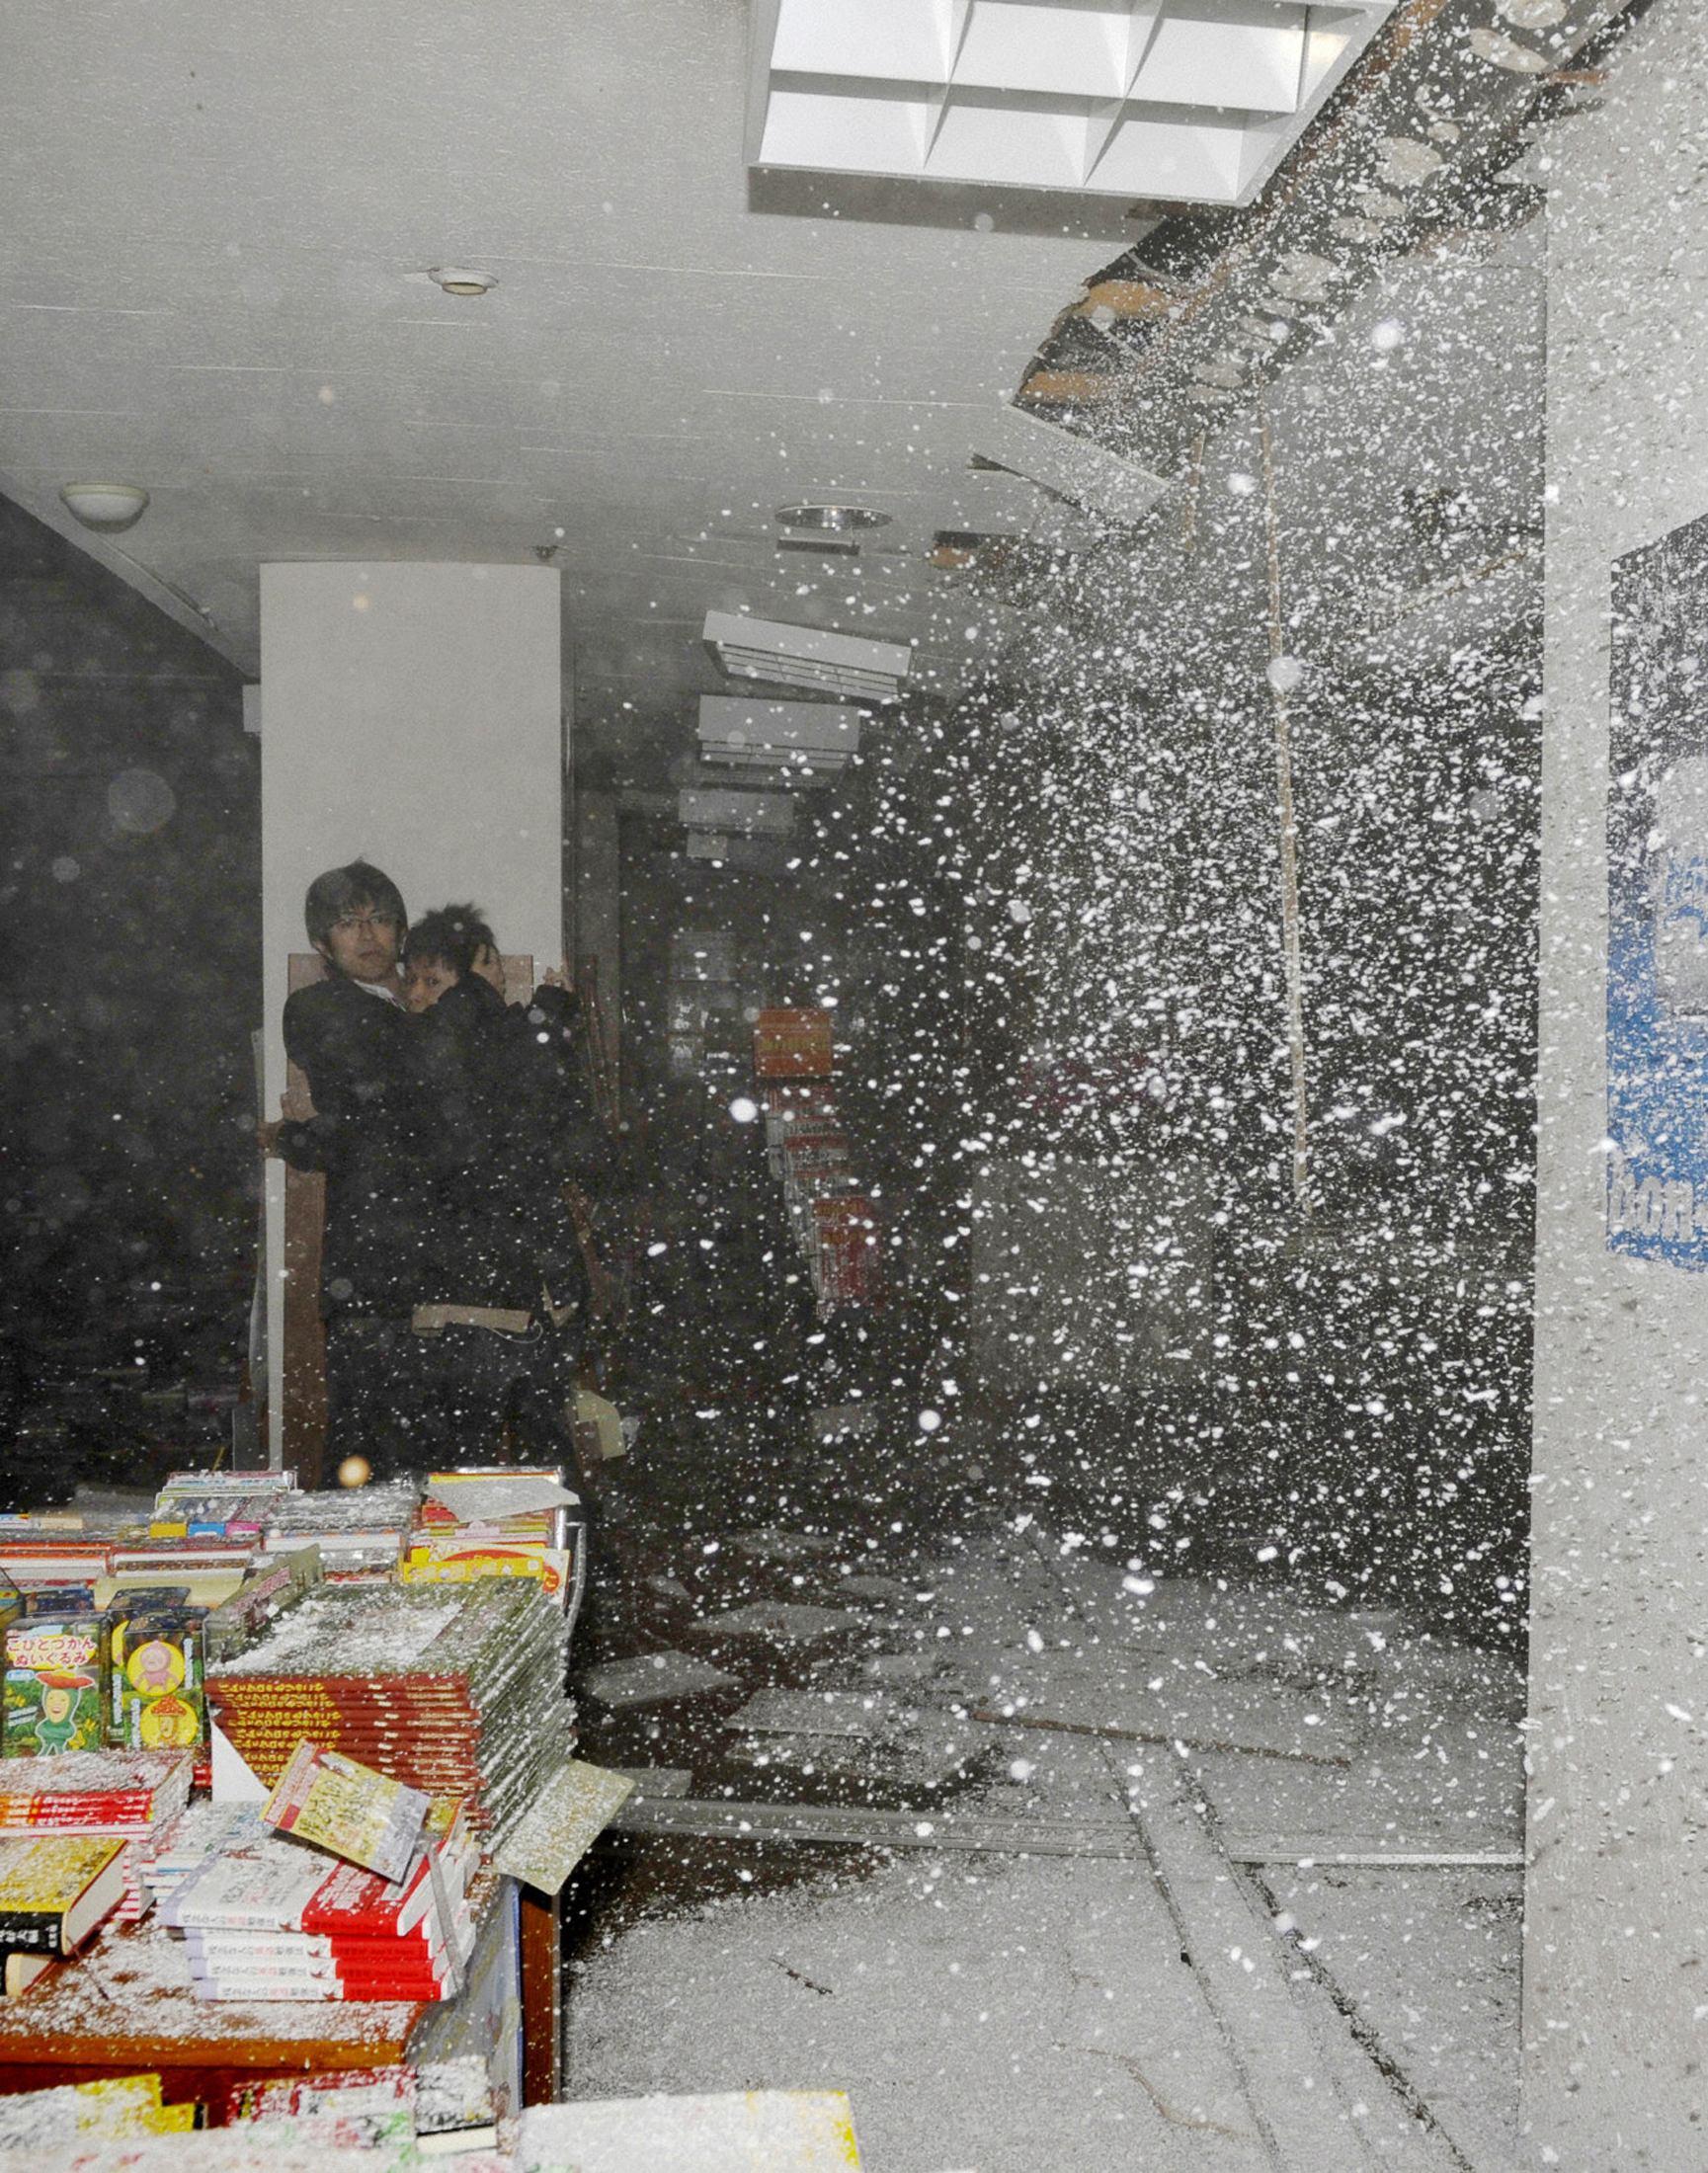 Οροφή βιβλιοπωλείου καταρρέει την ώρα του σεισμού. ΦΩΤΟ REUTERS